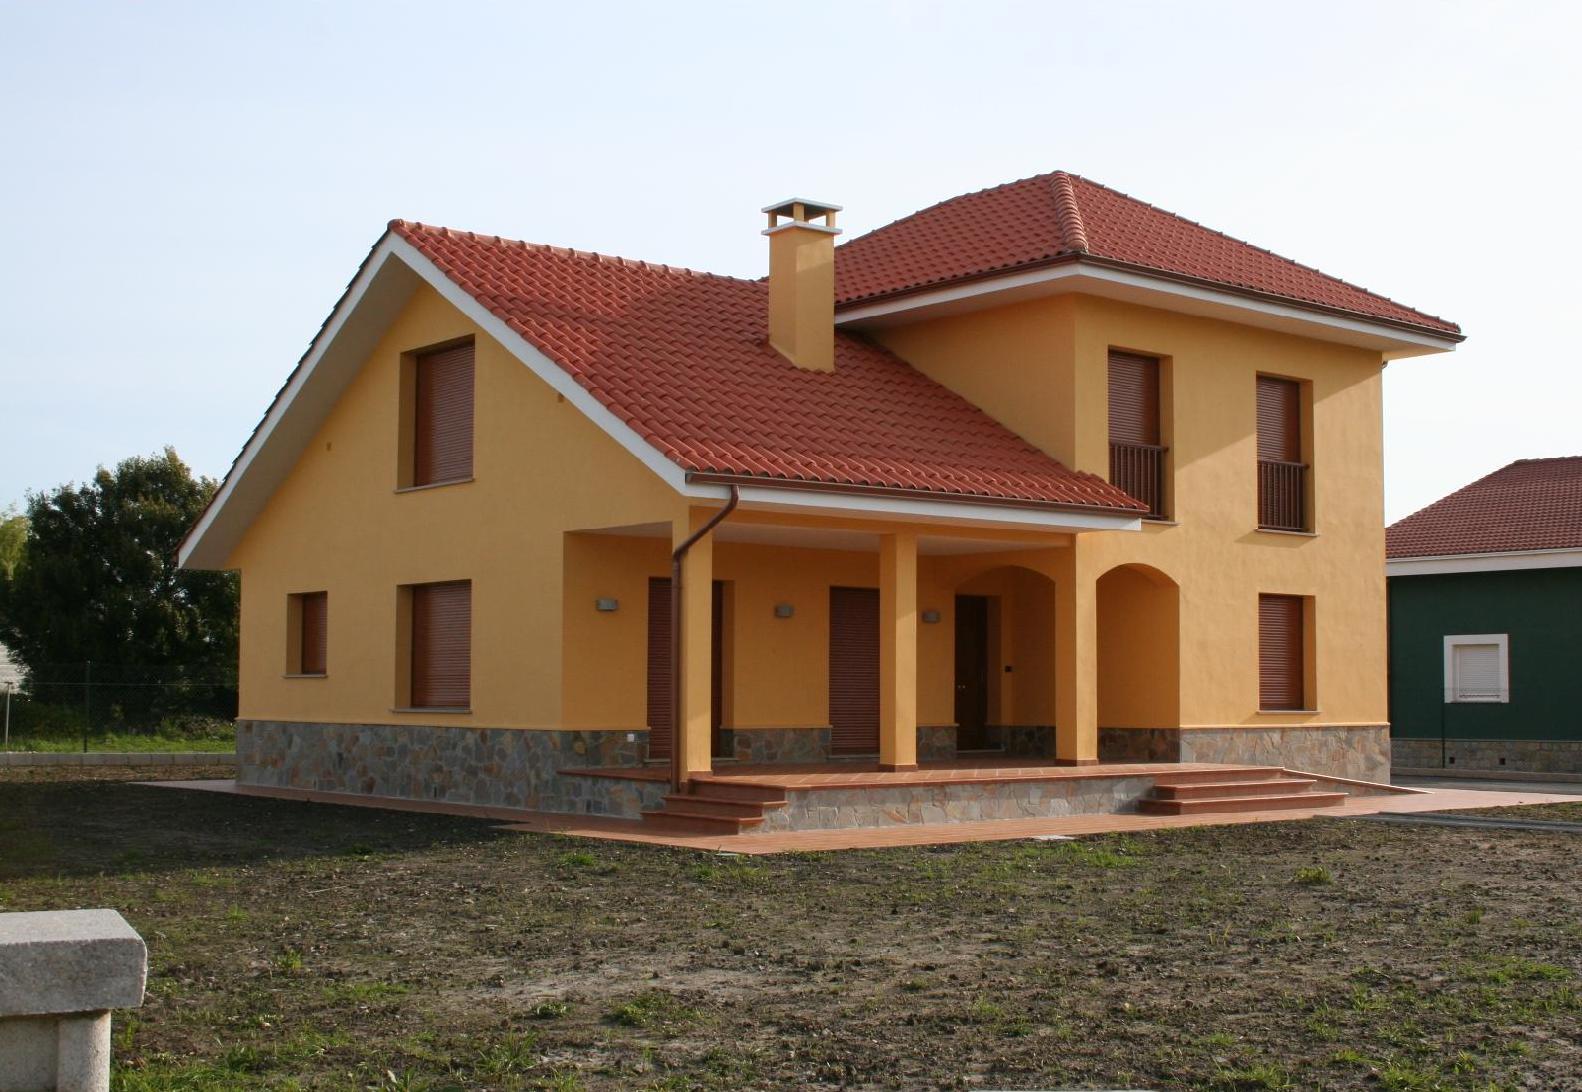 Proyectos iniciamos proyecto las casa del mundo - Fachadas viviendas unifamiliares ...